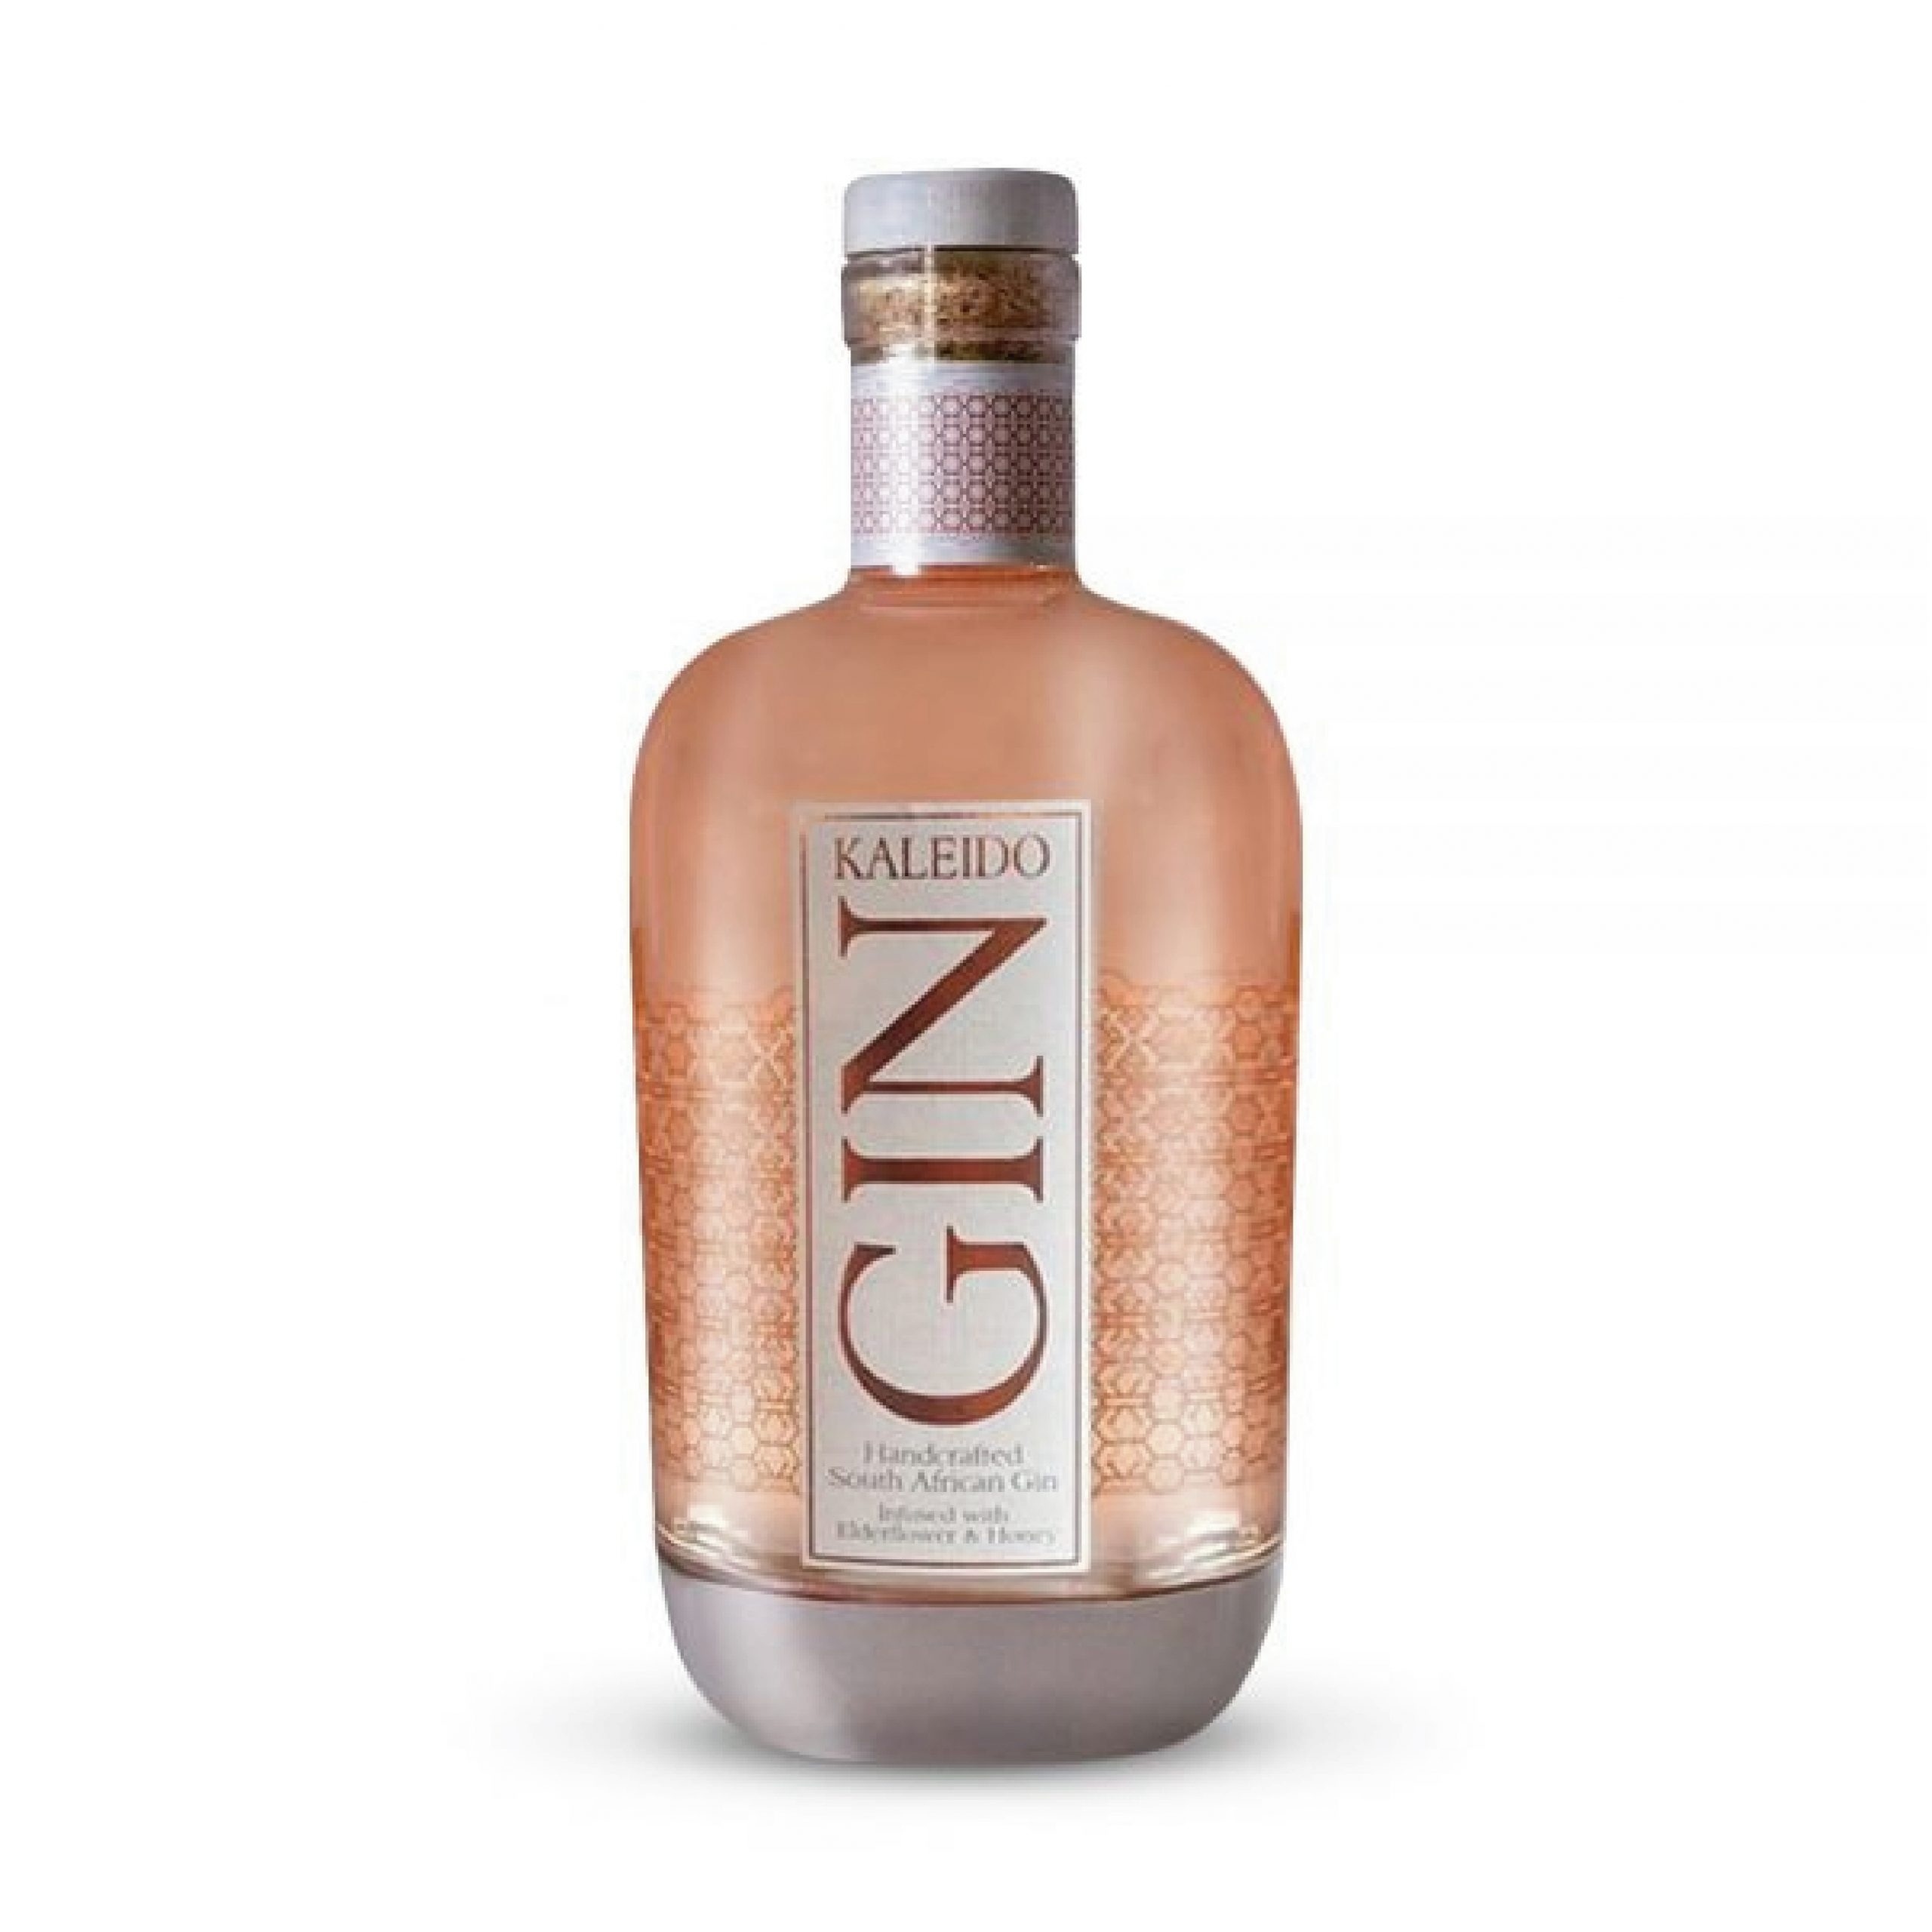 kaleido gin